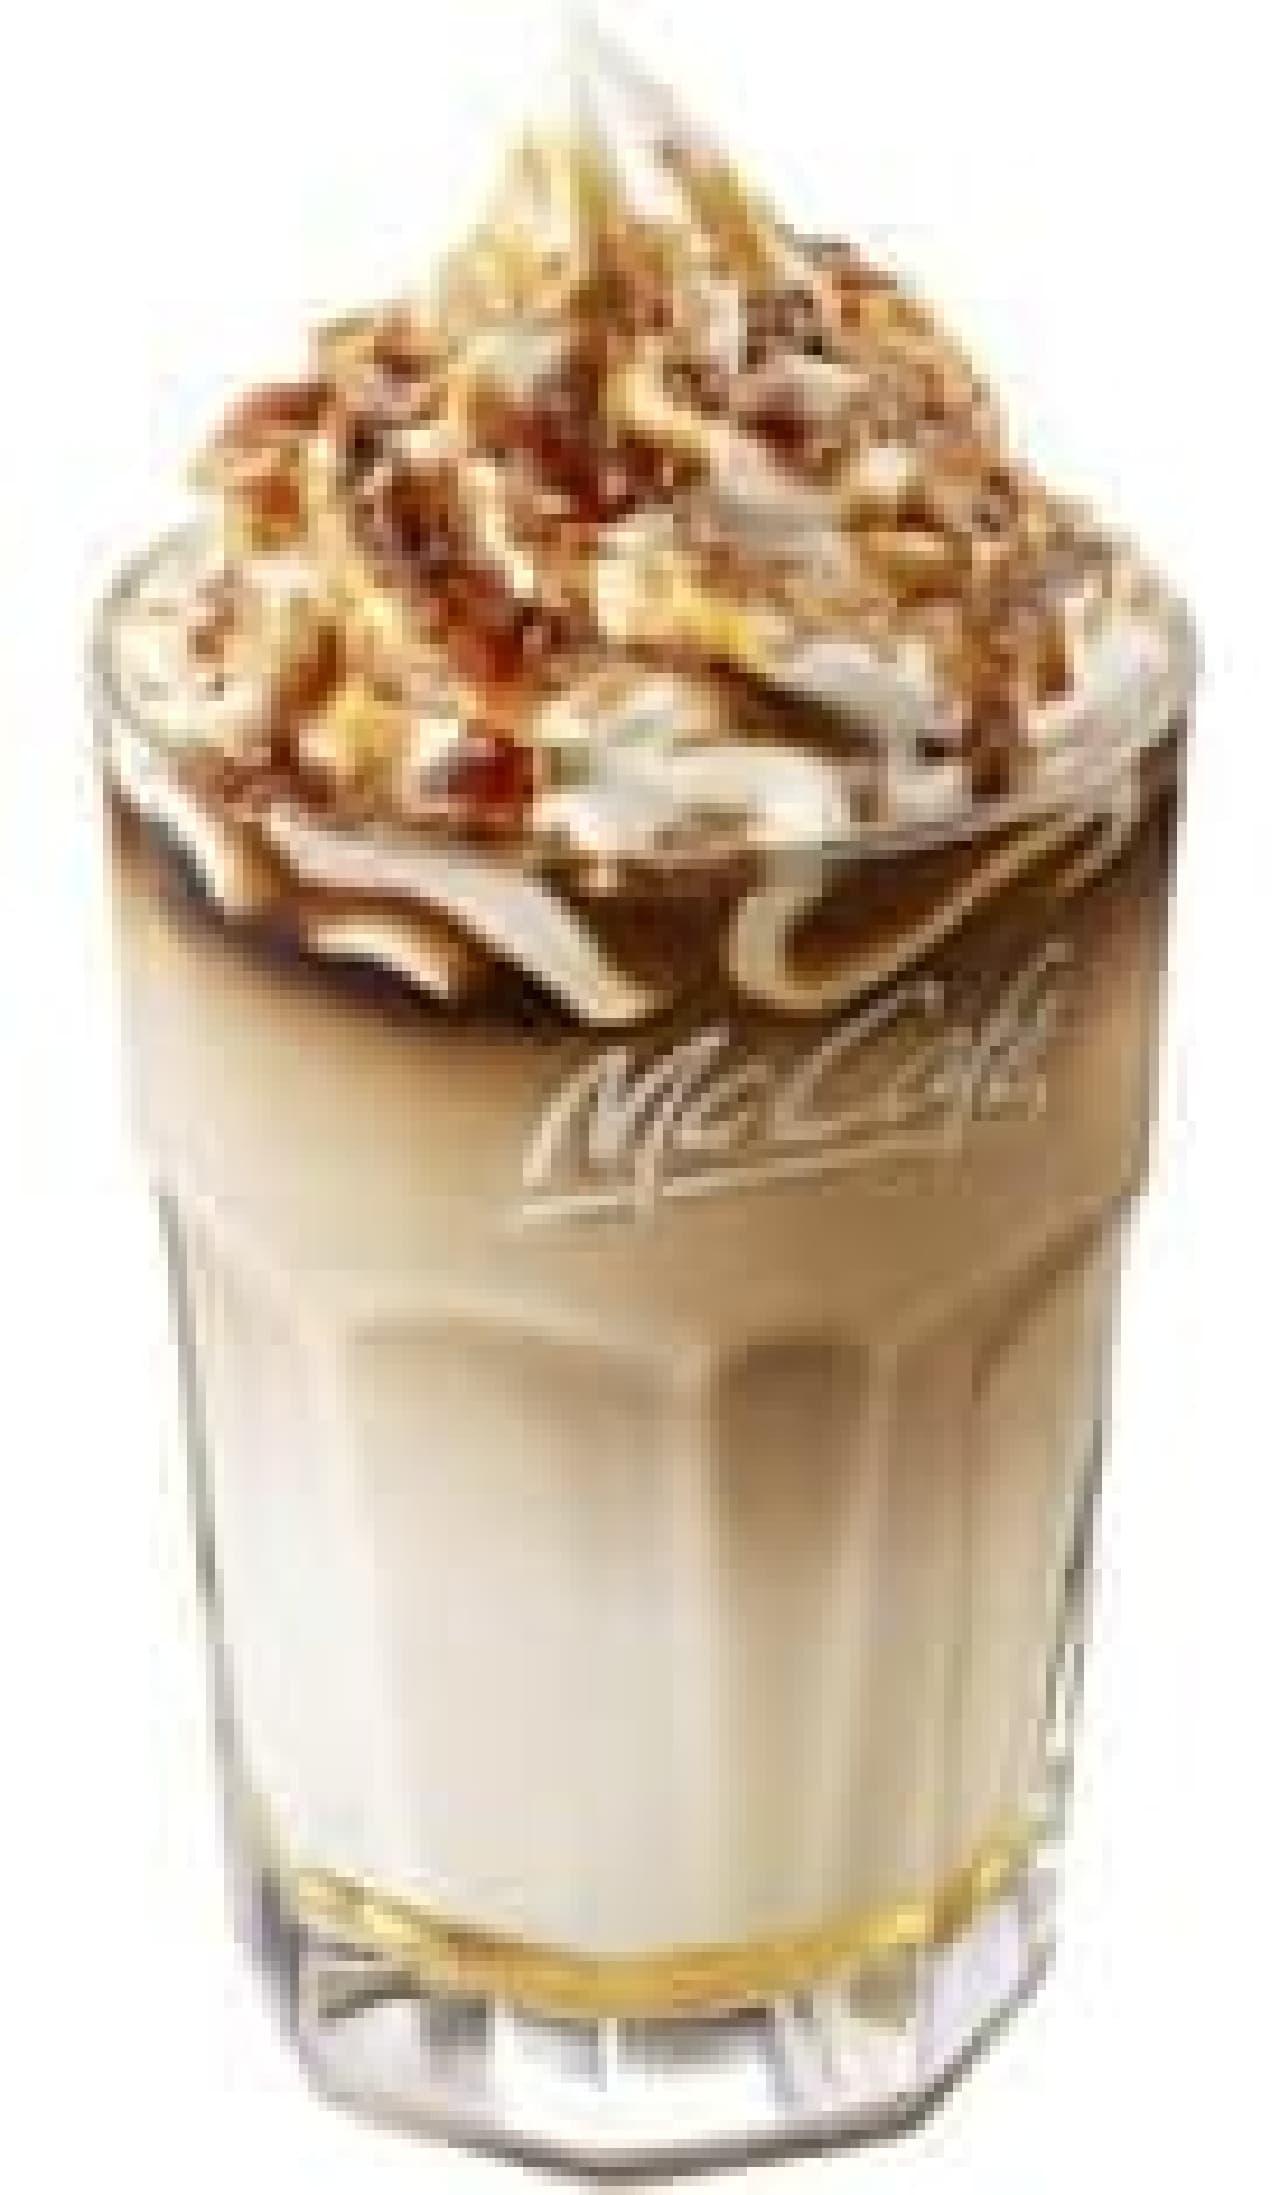 アイスクリームブリュレラテ